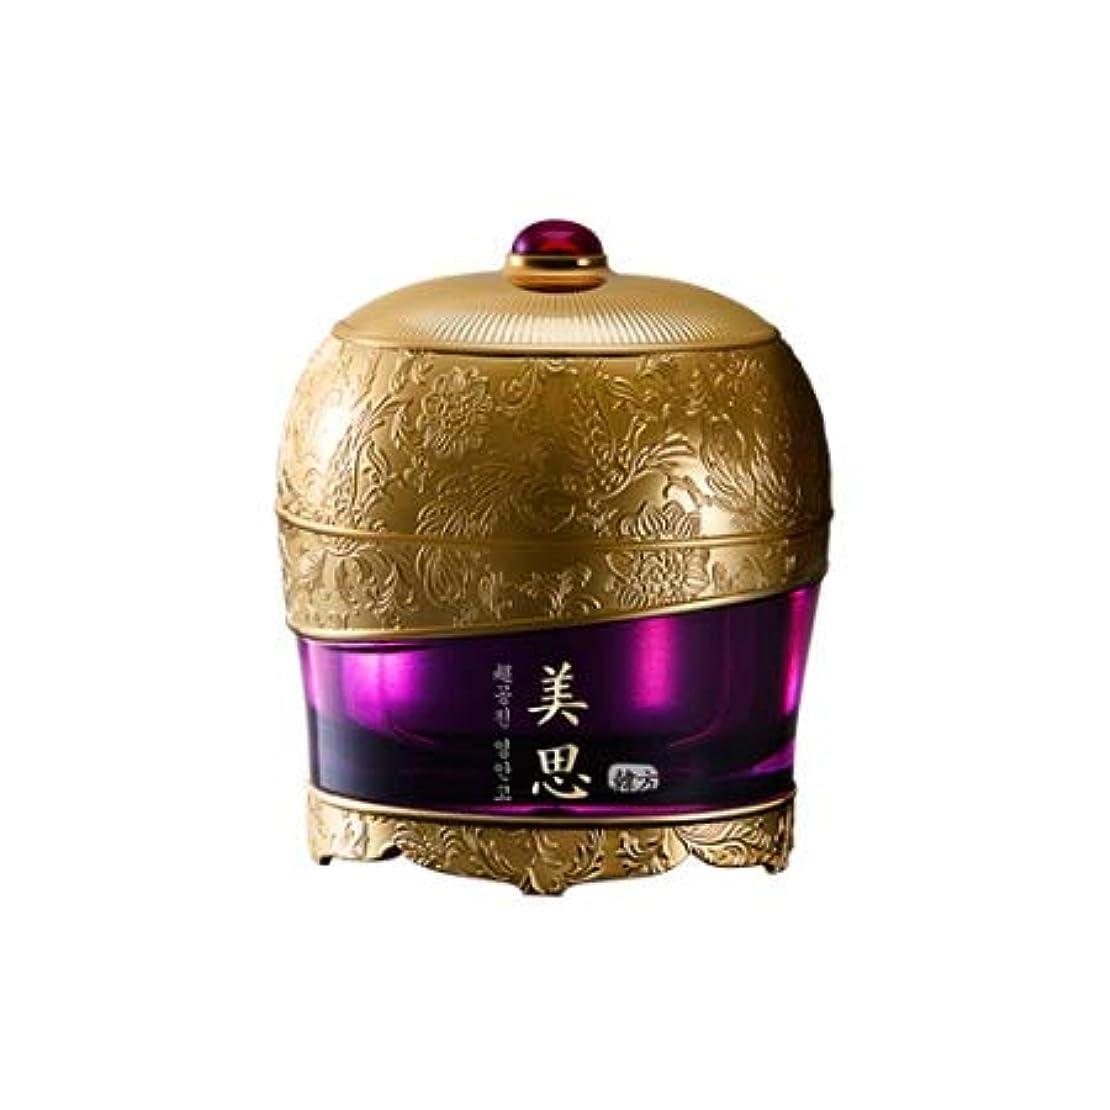 使用法瞑想ムスタチオMISSHA Chogongjin Premium cream ミシャ美思超拱辰(チョゴンジン) 永安膏 クリーム クリーム 60ml [並行輸入品]